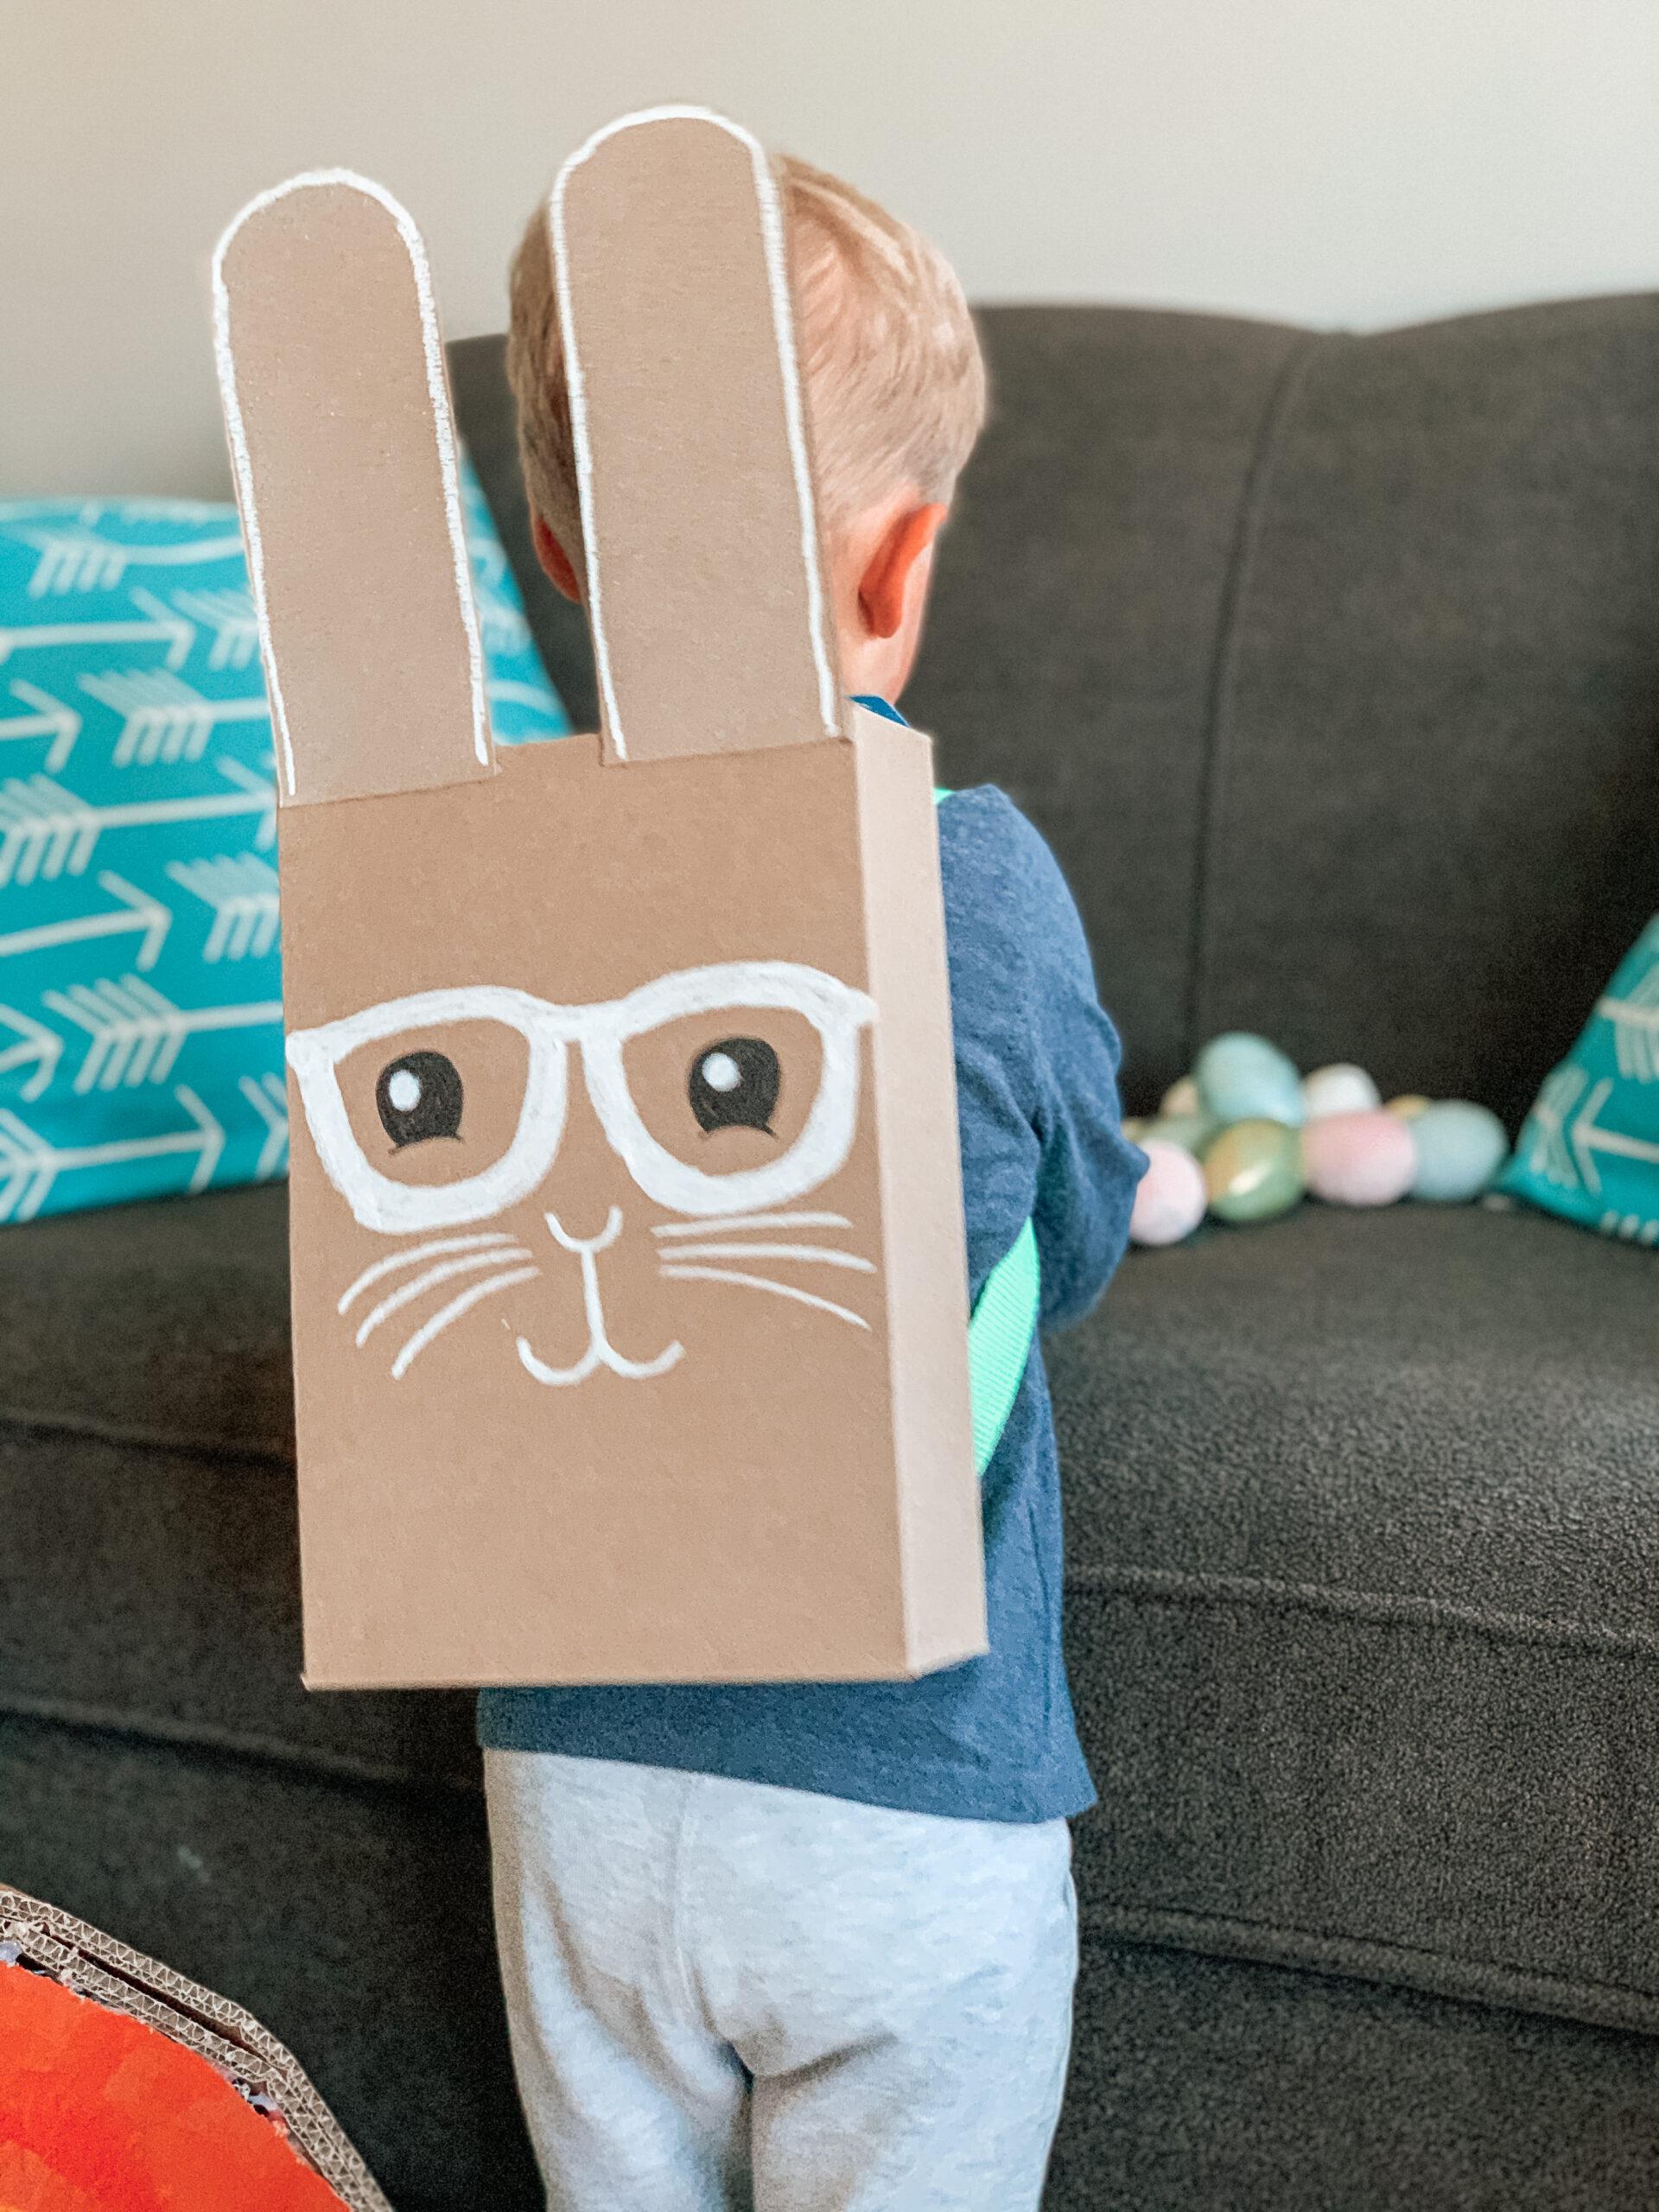 Easter egg hunt bunny backpack for kids